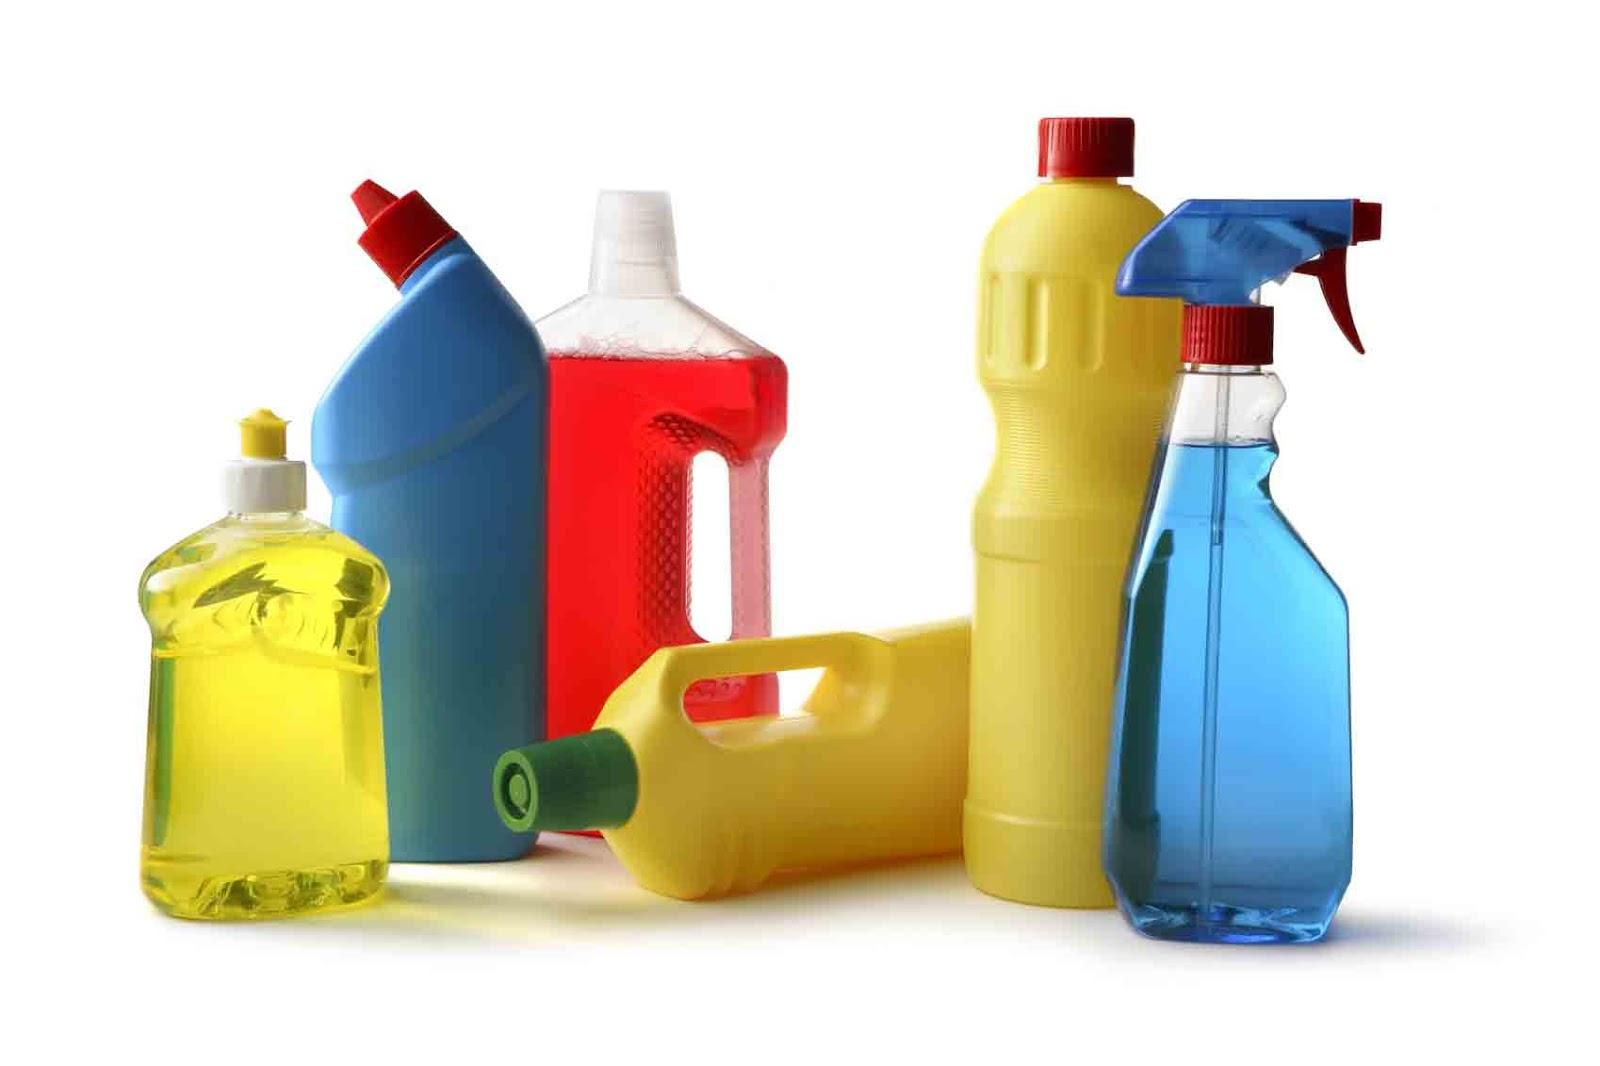 http://2.bp.blogspot.com/-3s6PE4aYy8M/Ub13fanKiFI/AAAAAAAAAbQ/Wg7l6Ce0BnY/s1600/Detergents.jpg